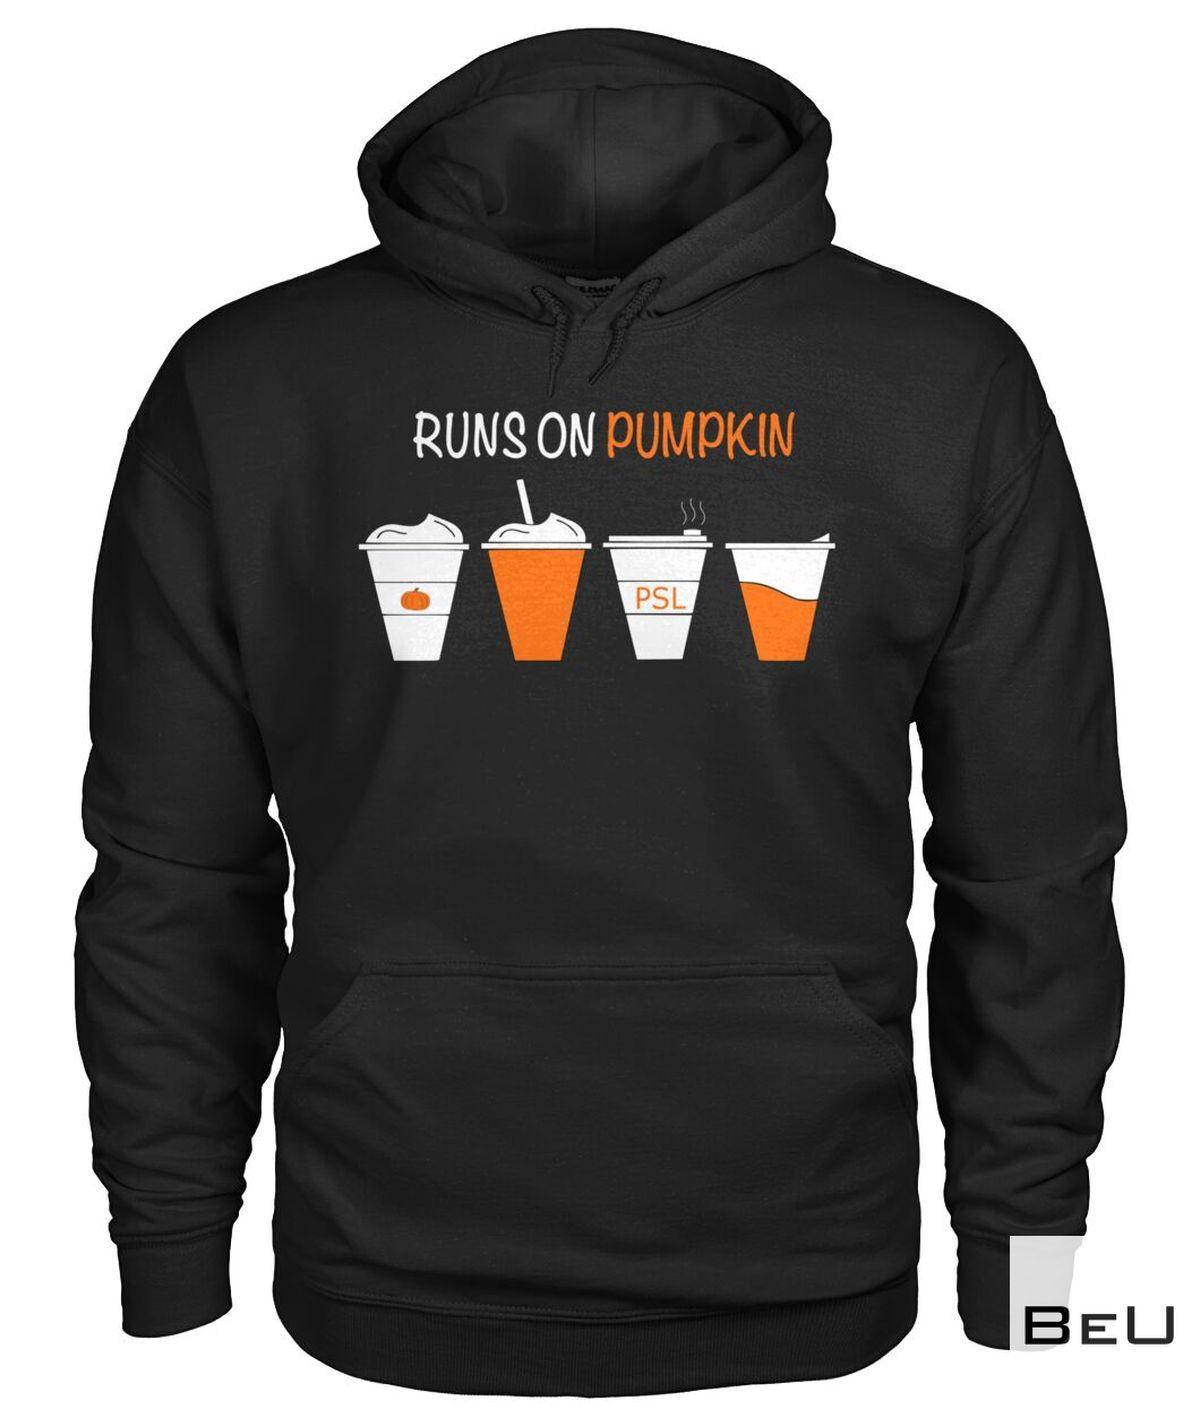 Runs On Pumpkin Shirt